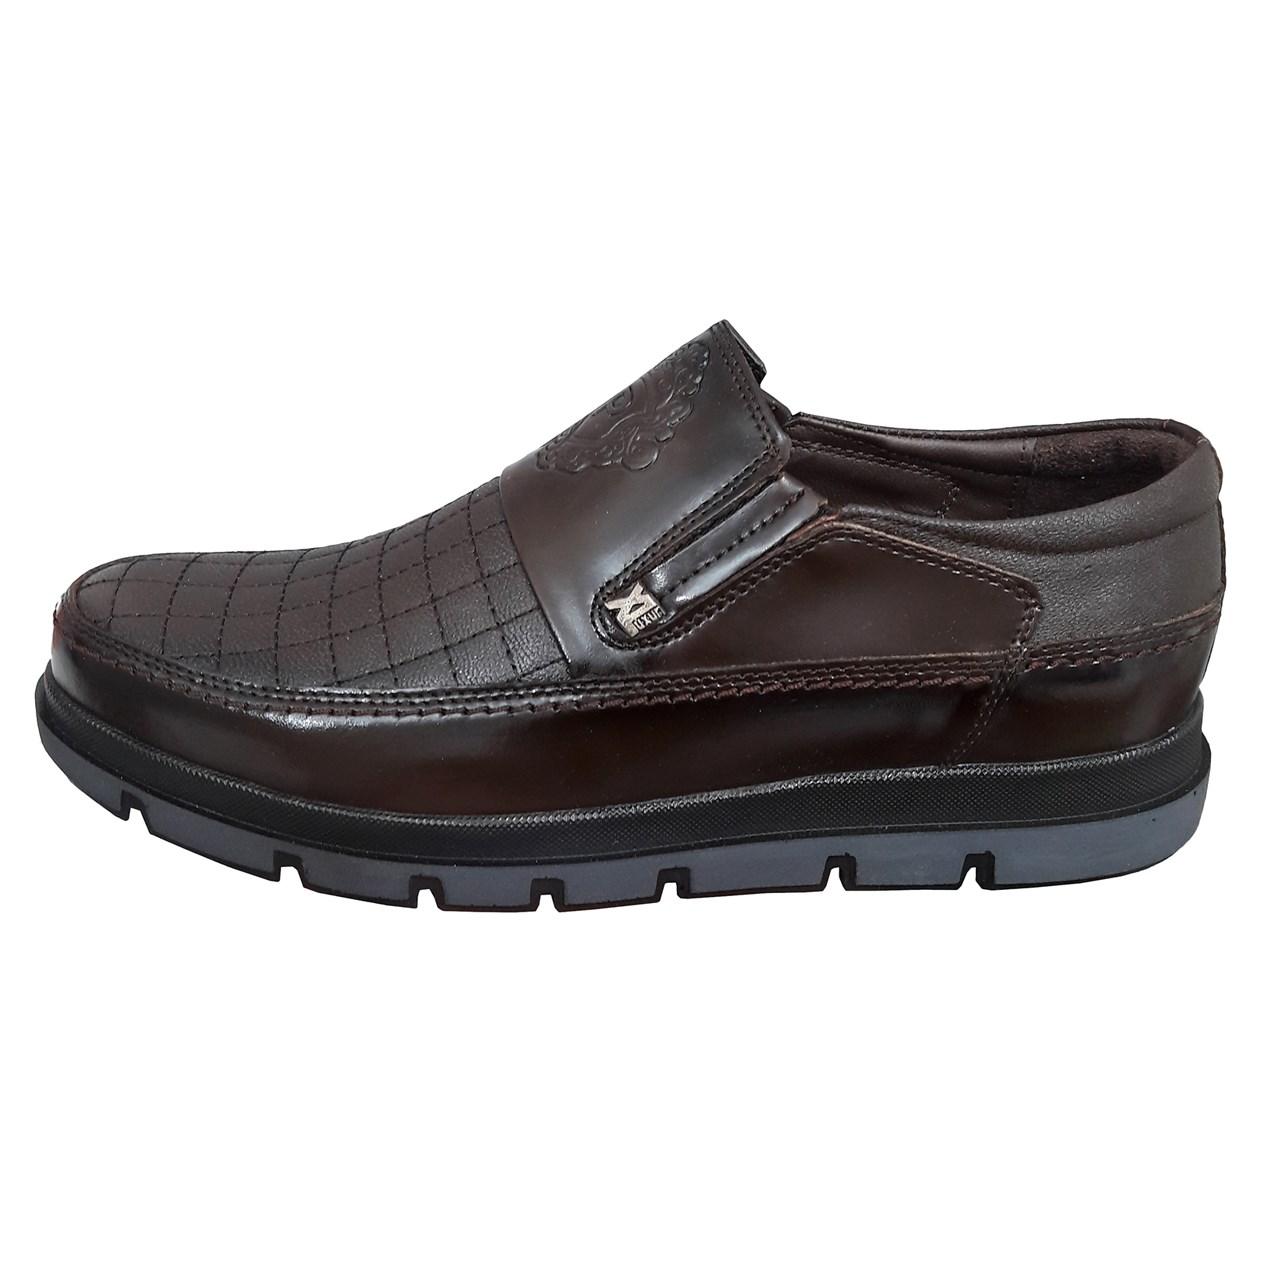 کفش مردانه مدل Sako br01